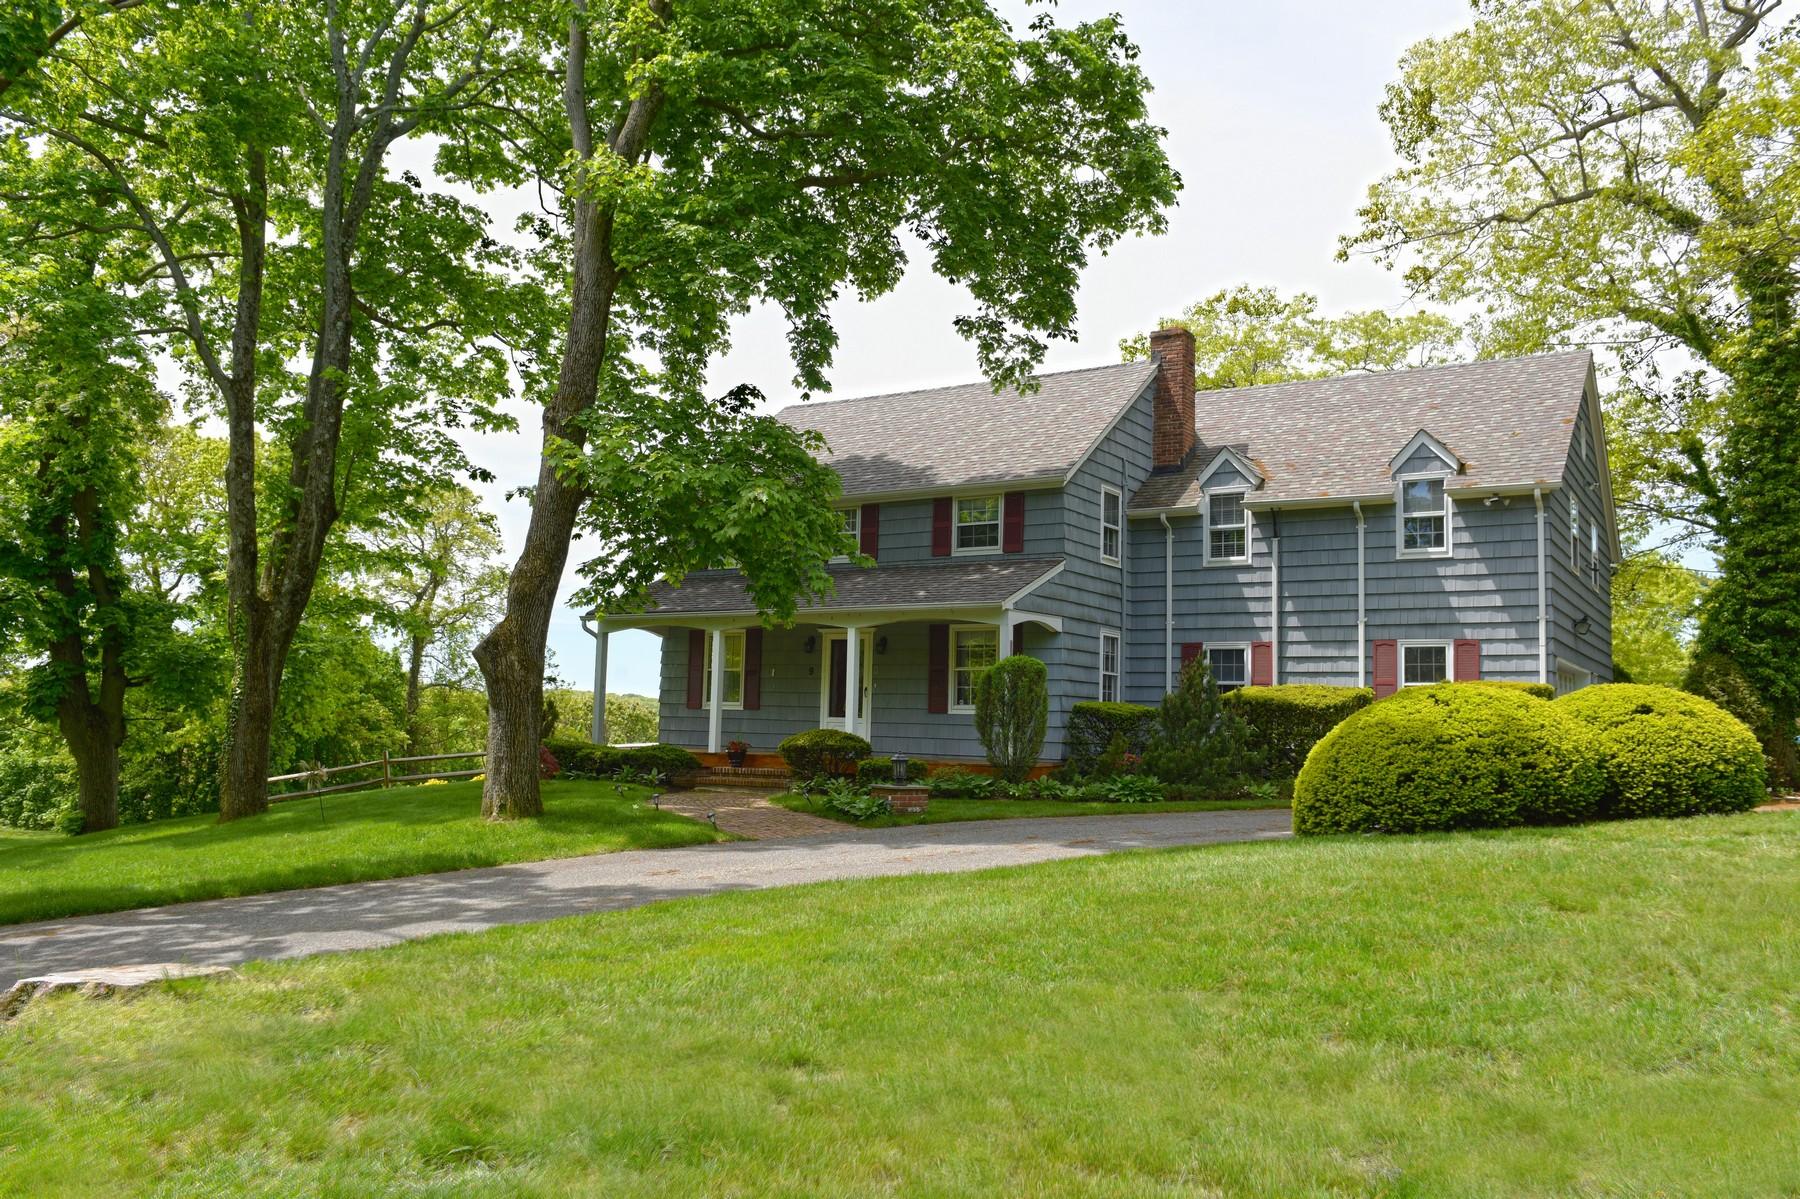 Casa para uma família para Venda às Colonial 9 Gracewood Ct Cove Neck, Nova York, 11771 Estados Unidos